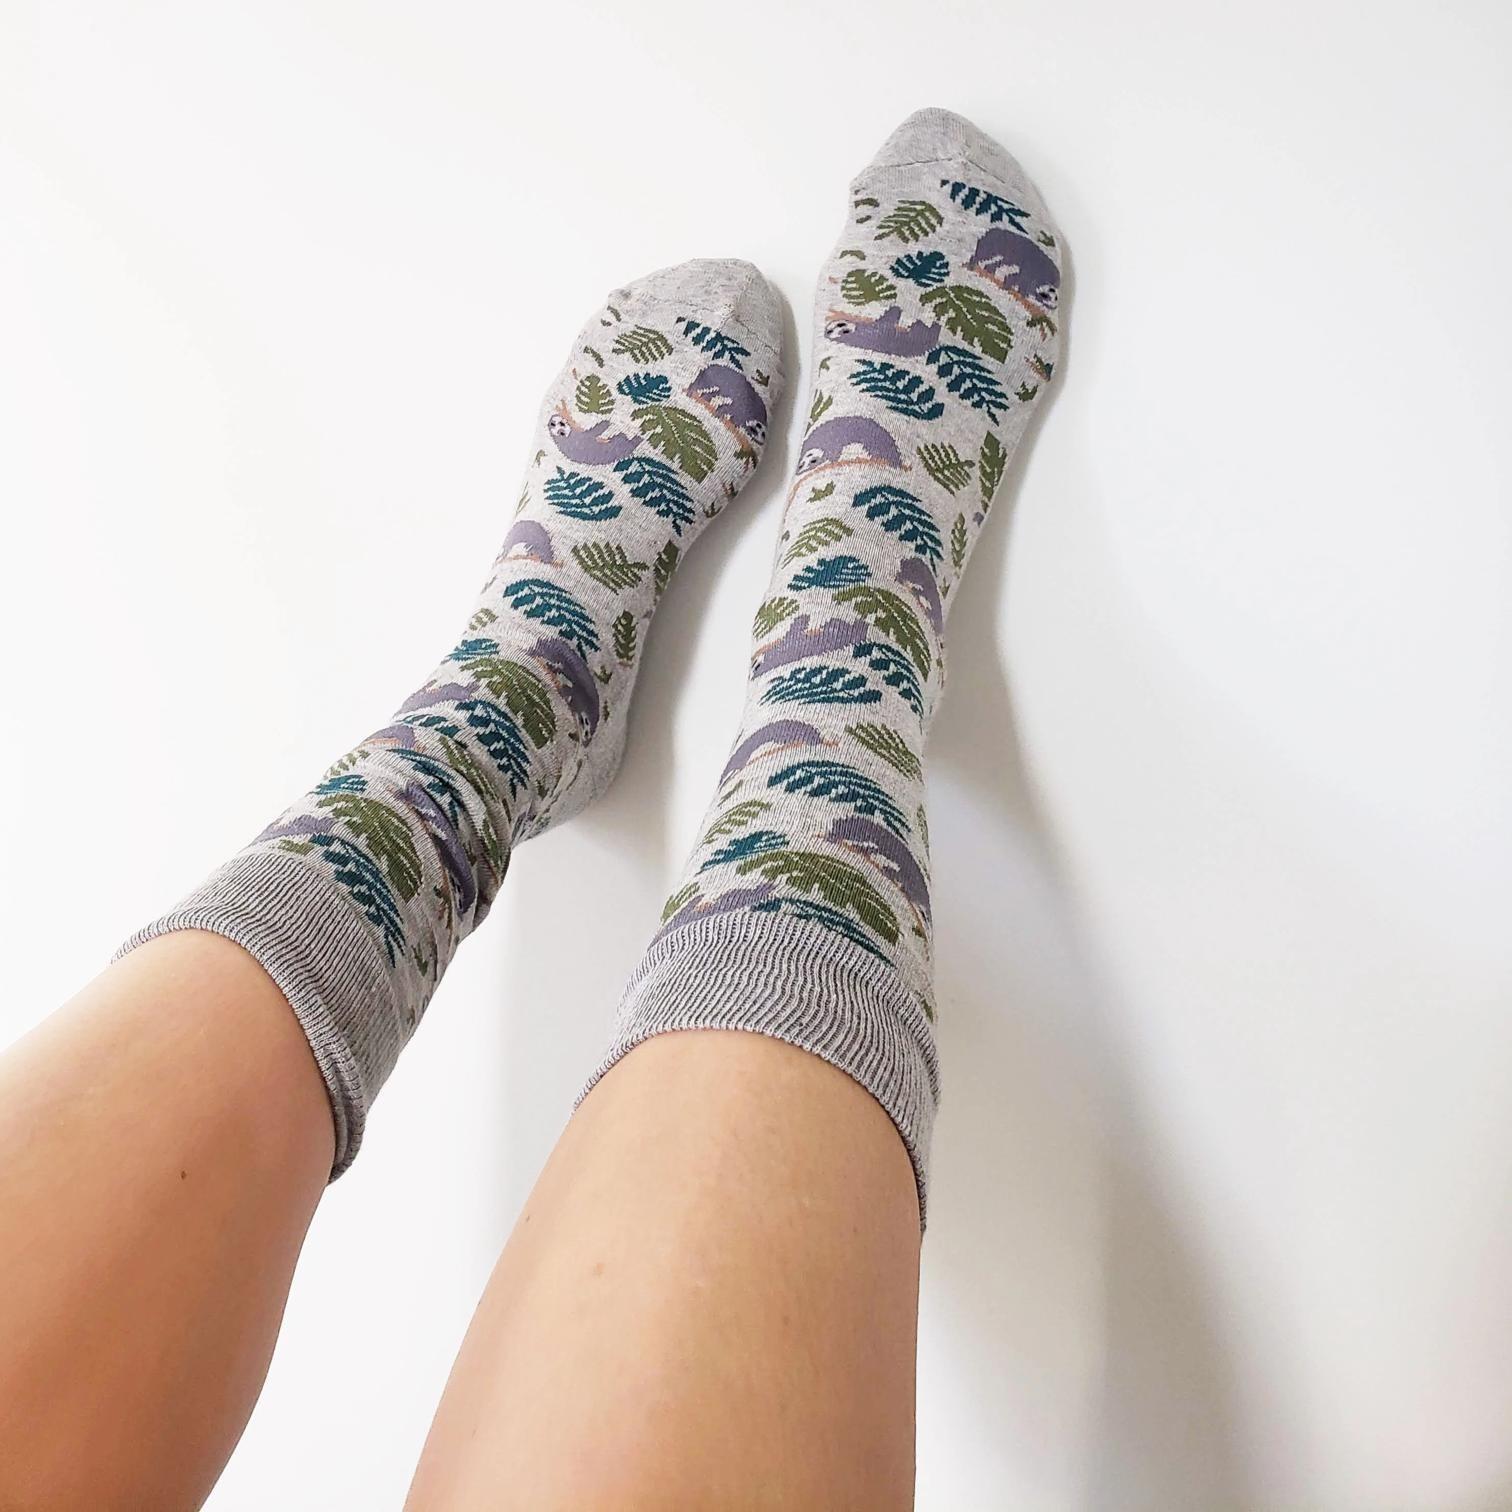 the sloth socks on feet